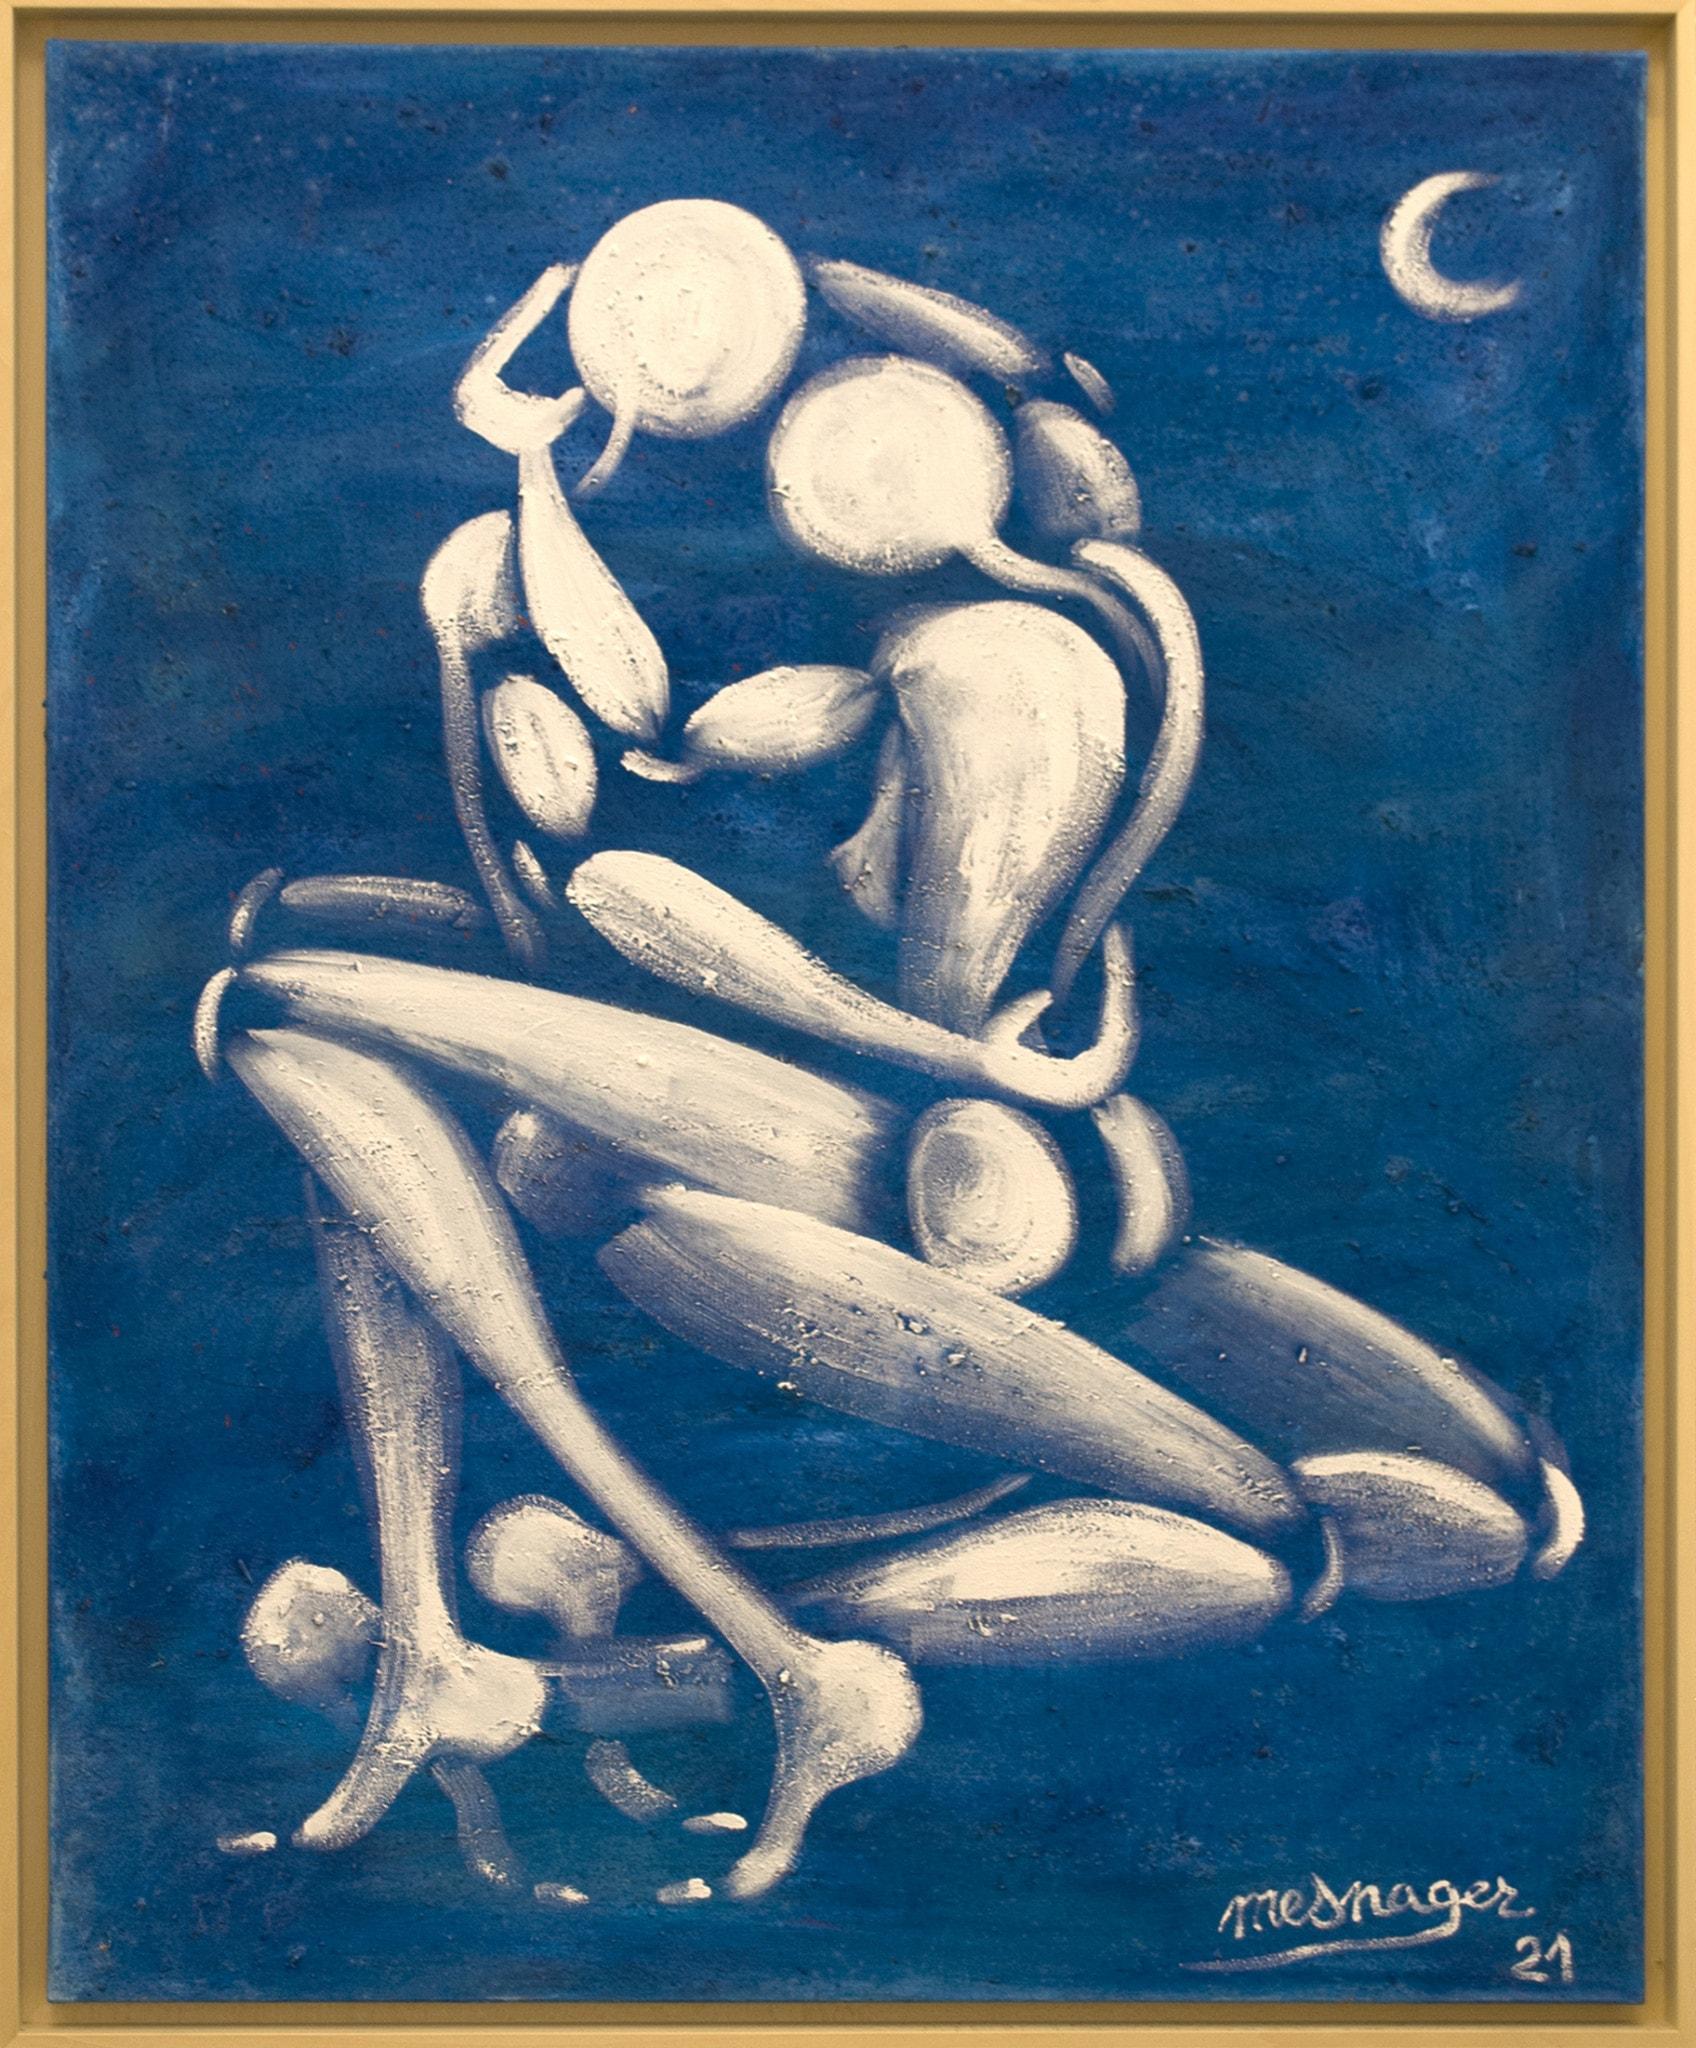 Galerie Art Jingle Jérôme MESNAGER Câlin Nocturne 100 x 81 cm (Réf. 36) 2021